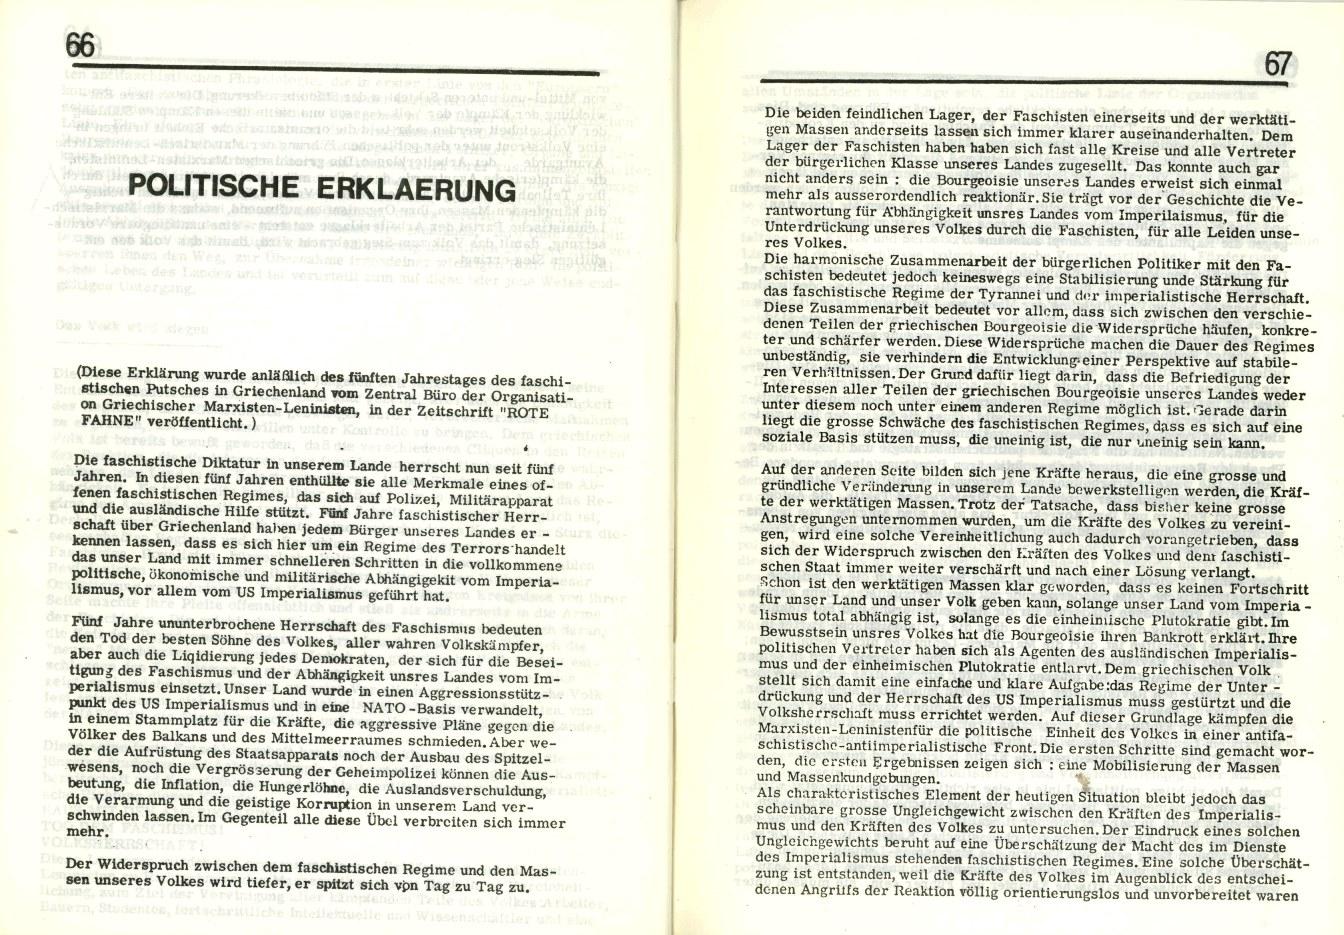 Griechenland_Griechische_ML_1971_Dokumente_01_34